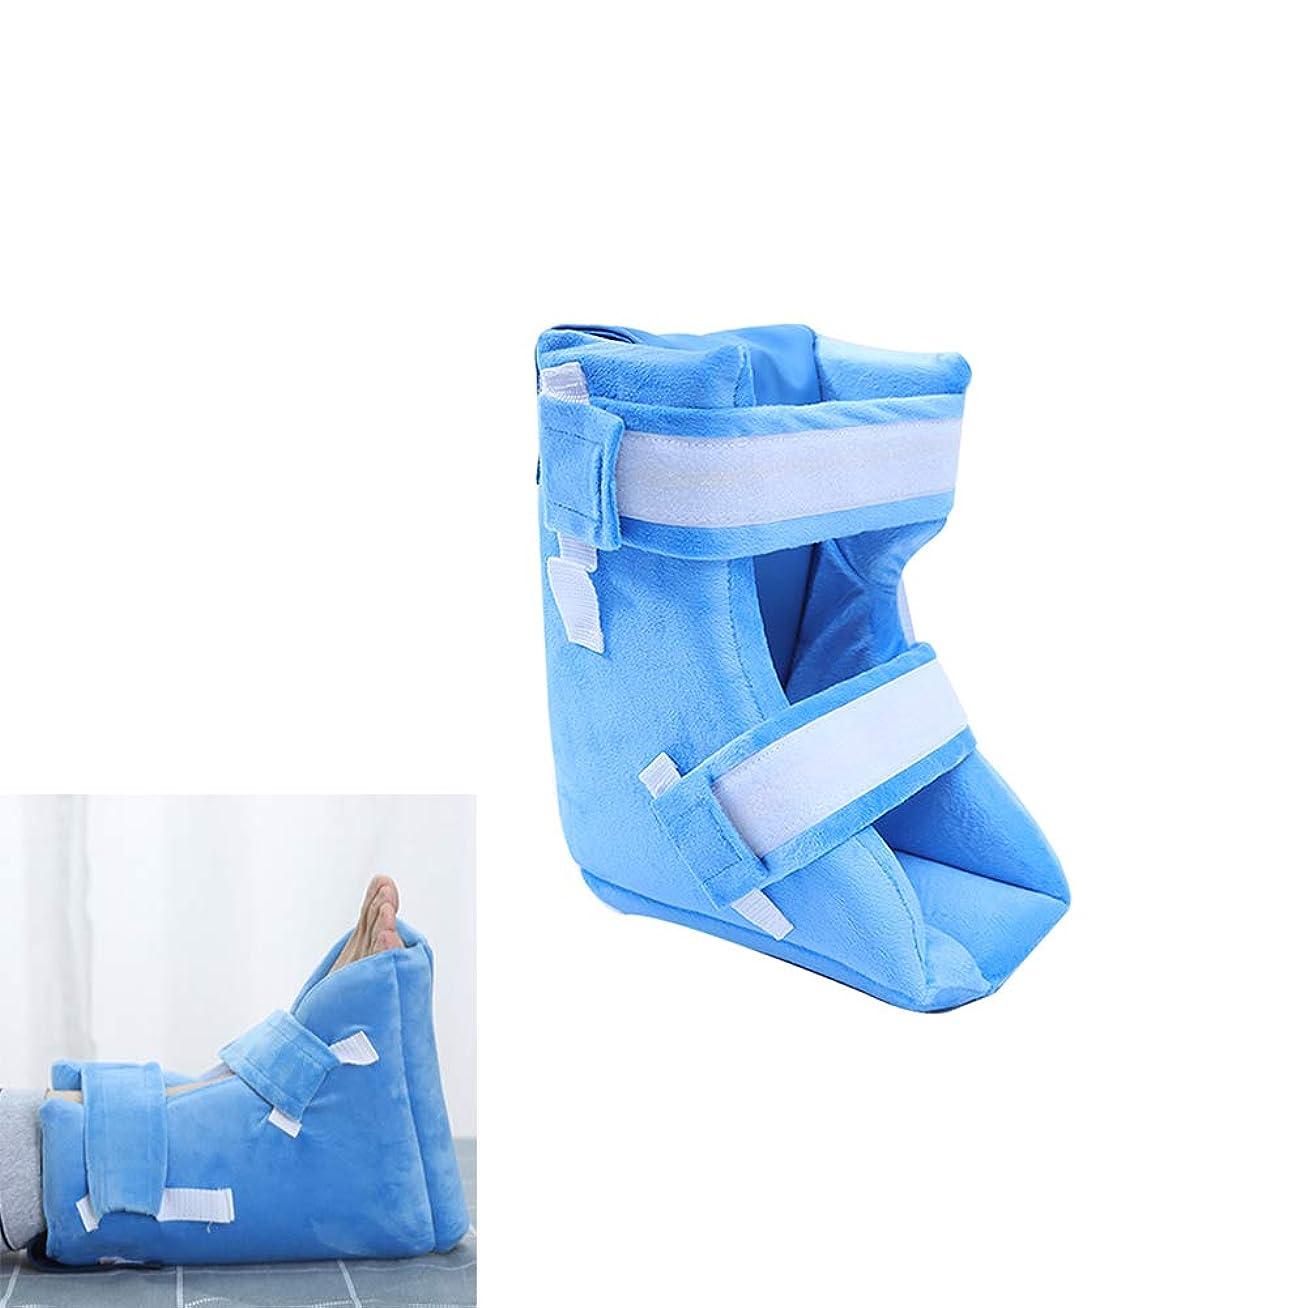 リマーク人物機動ヒールクッションプロテクター - 足枕パッド - ヒールと足首の保護ブーツガード - 足、肘、かかと - ベッド&褥瘡を保護します,2pcs